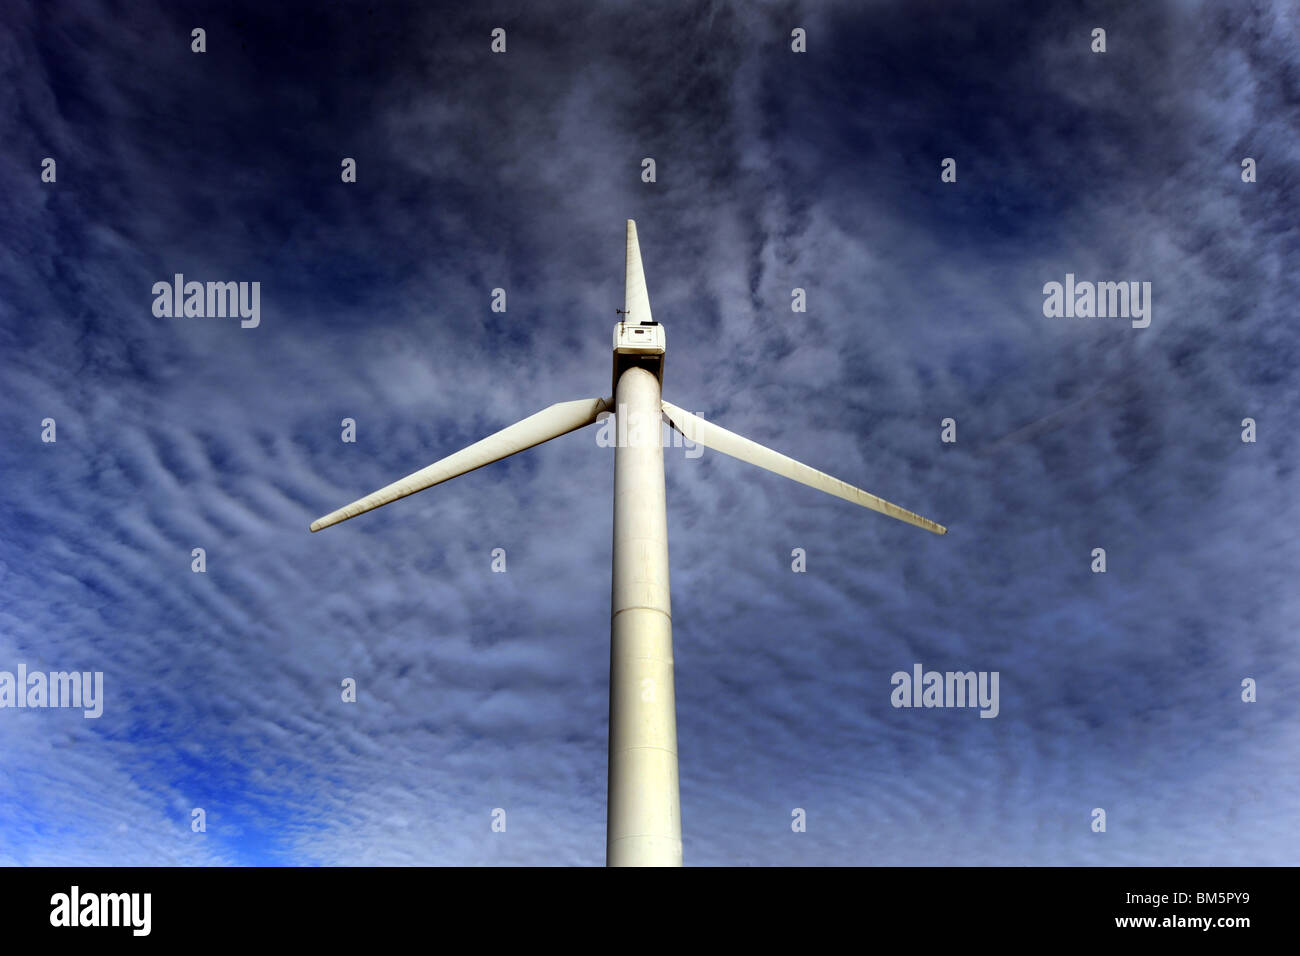 Windpark Turbine vor einem dramatischen blauen Himmel Stockbild